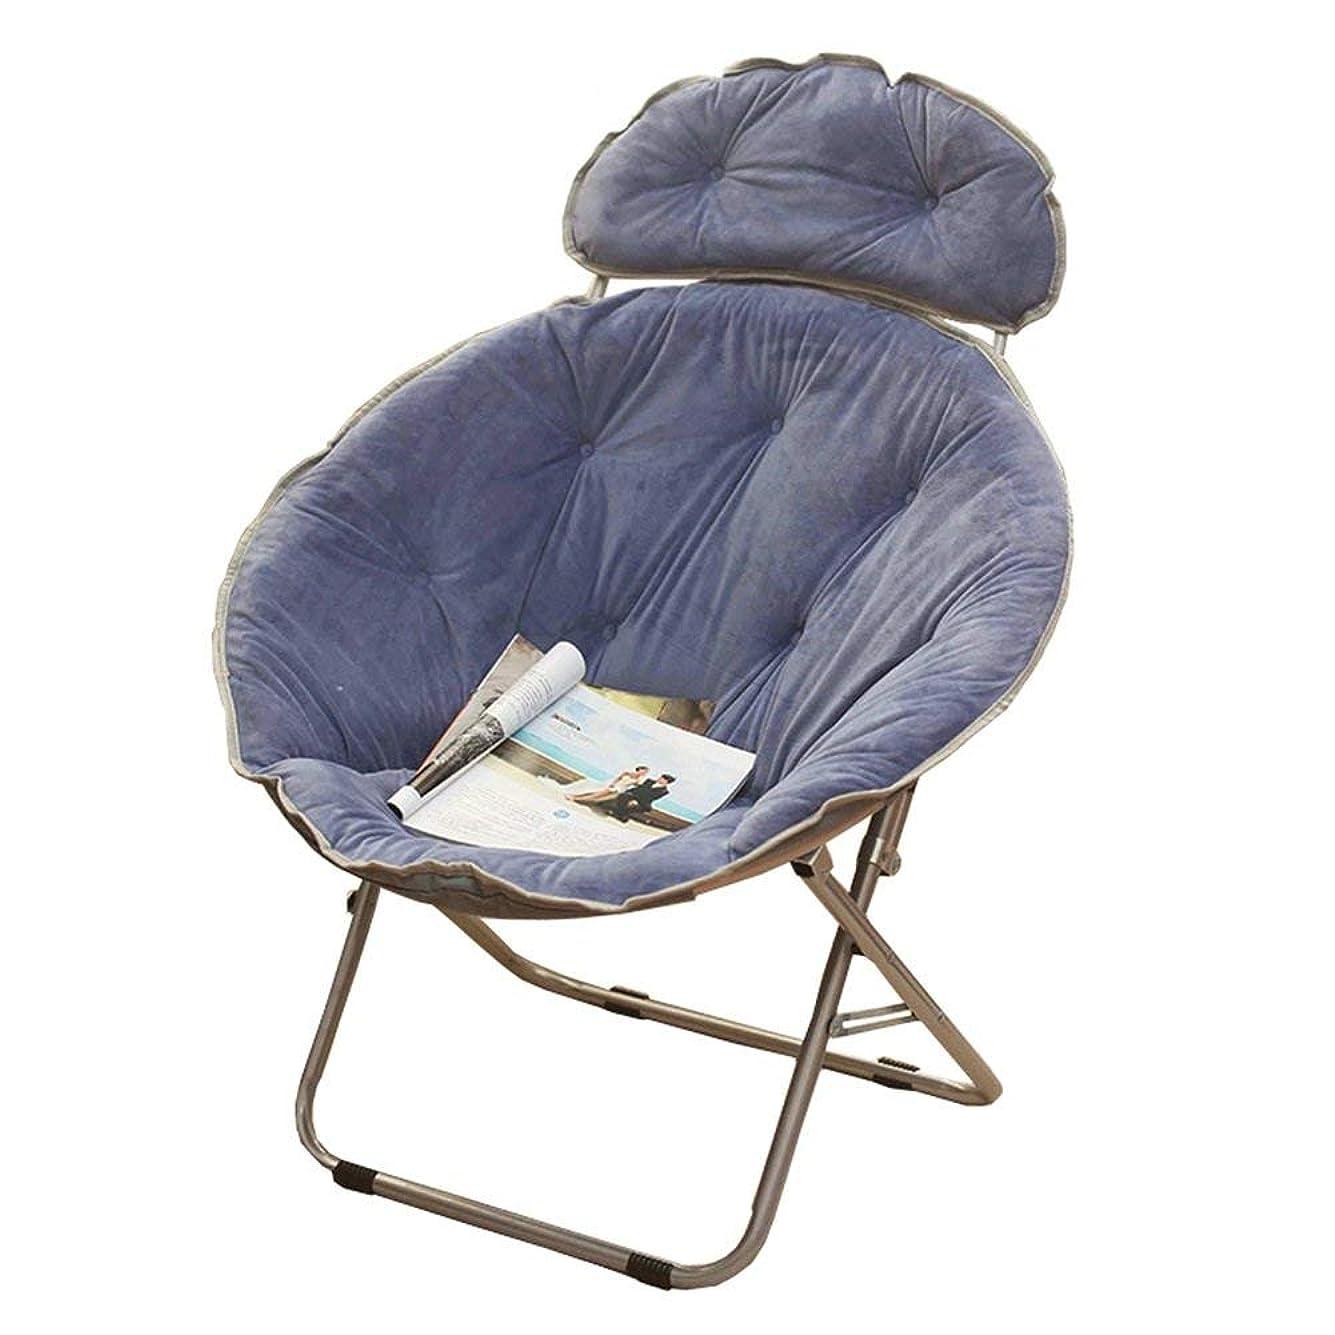 スナック保守的モデレータ大型怠zyな椅子ランチ休憩折りたたみリクライニングチェアアームチェア昼寝ソファ(色:ローズレッド)